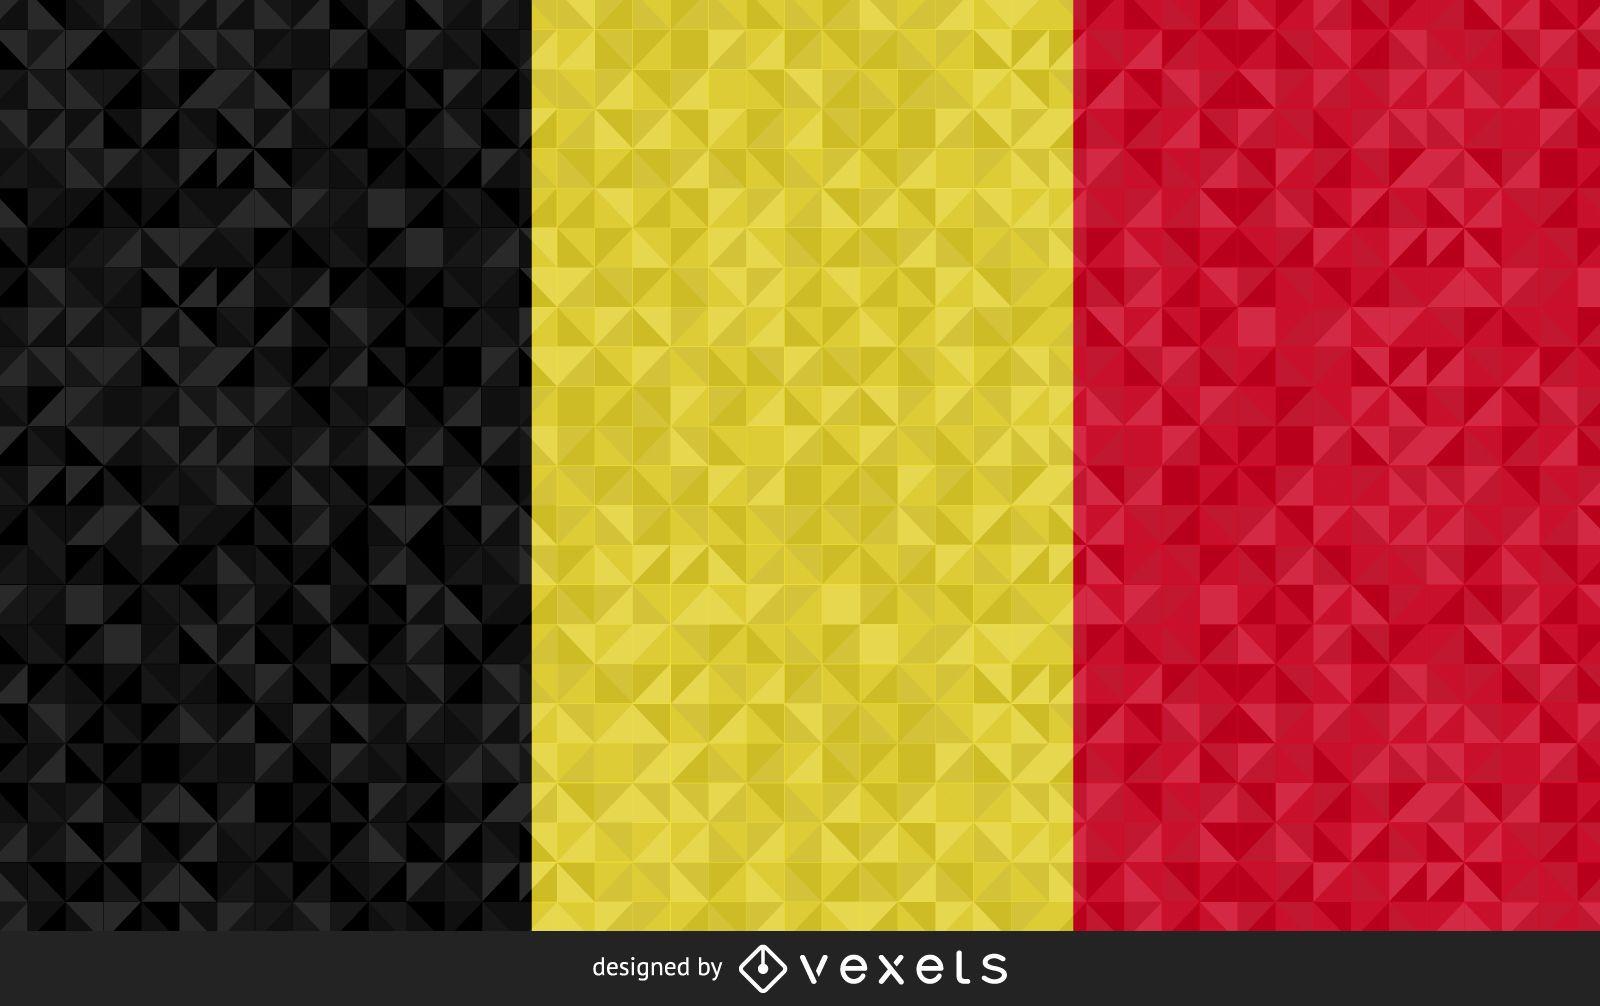 Diseño artístico de la bandera de Bélgica